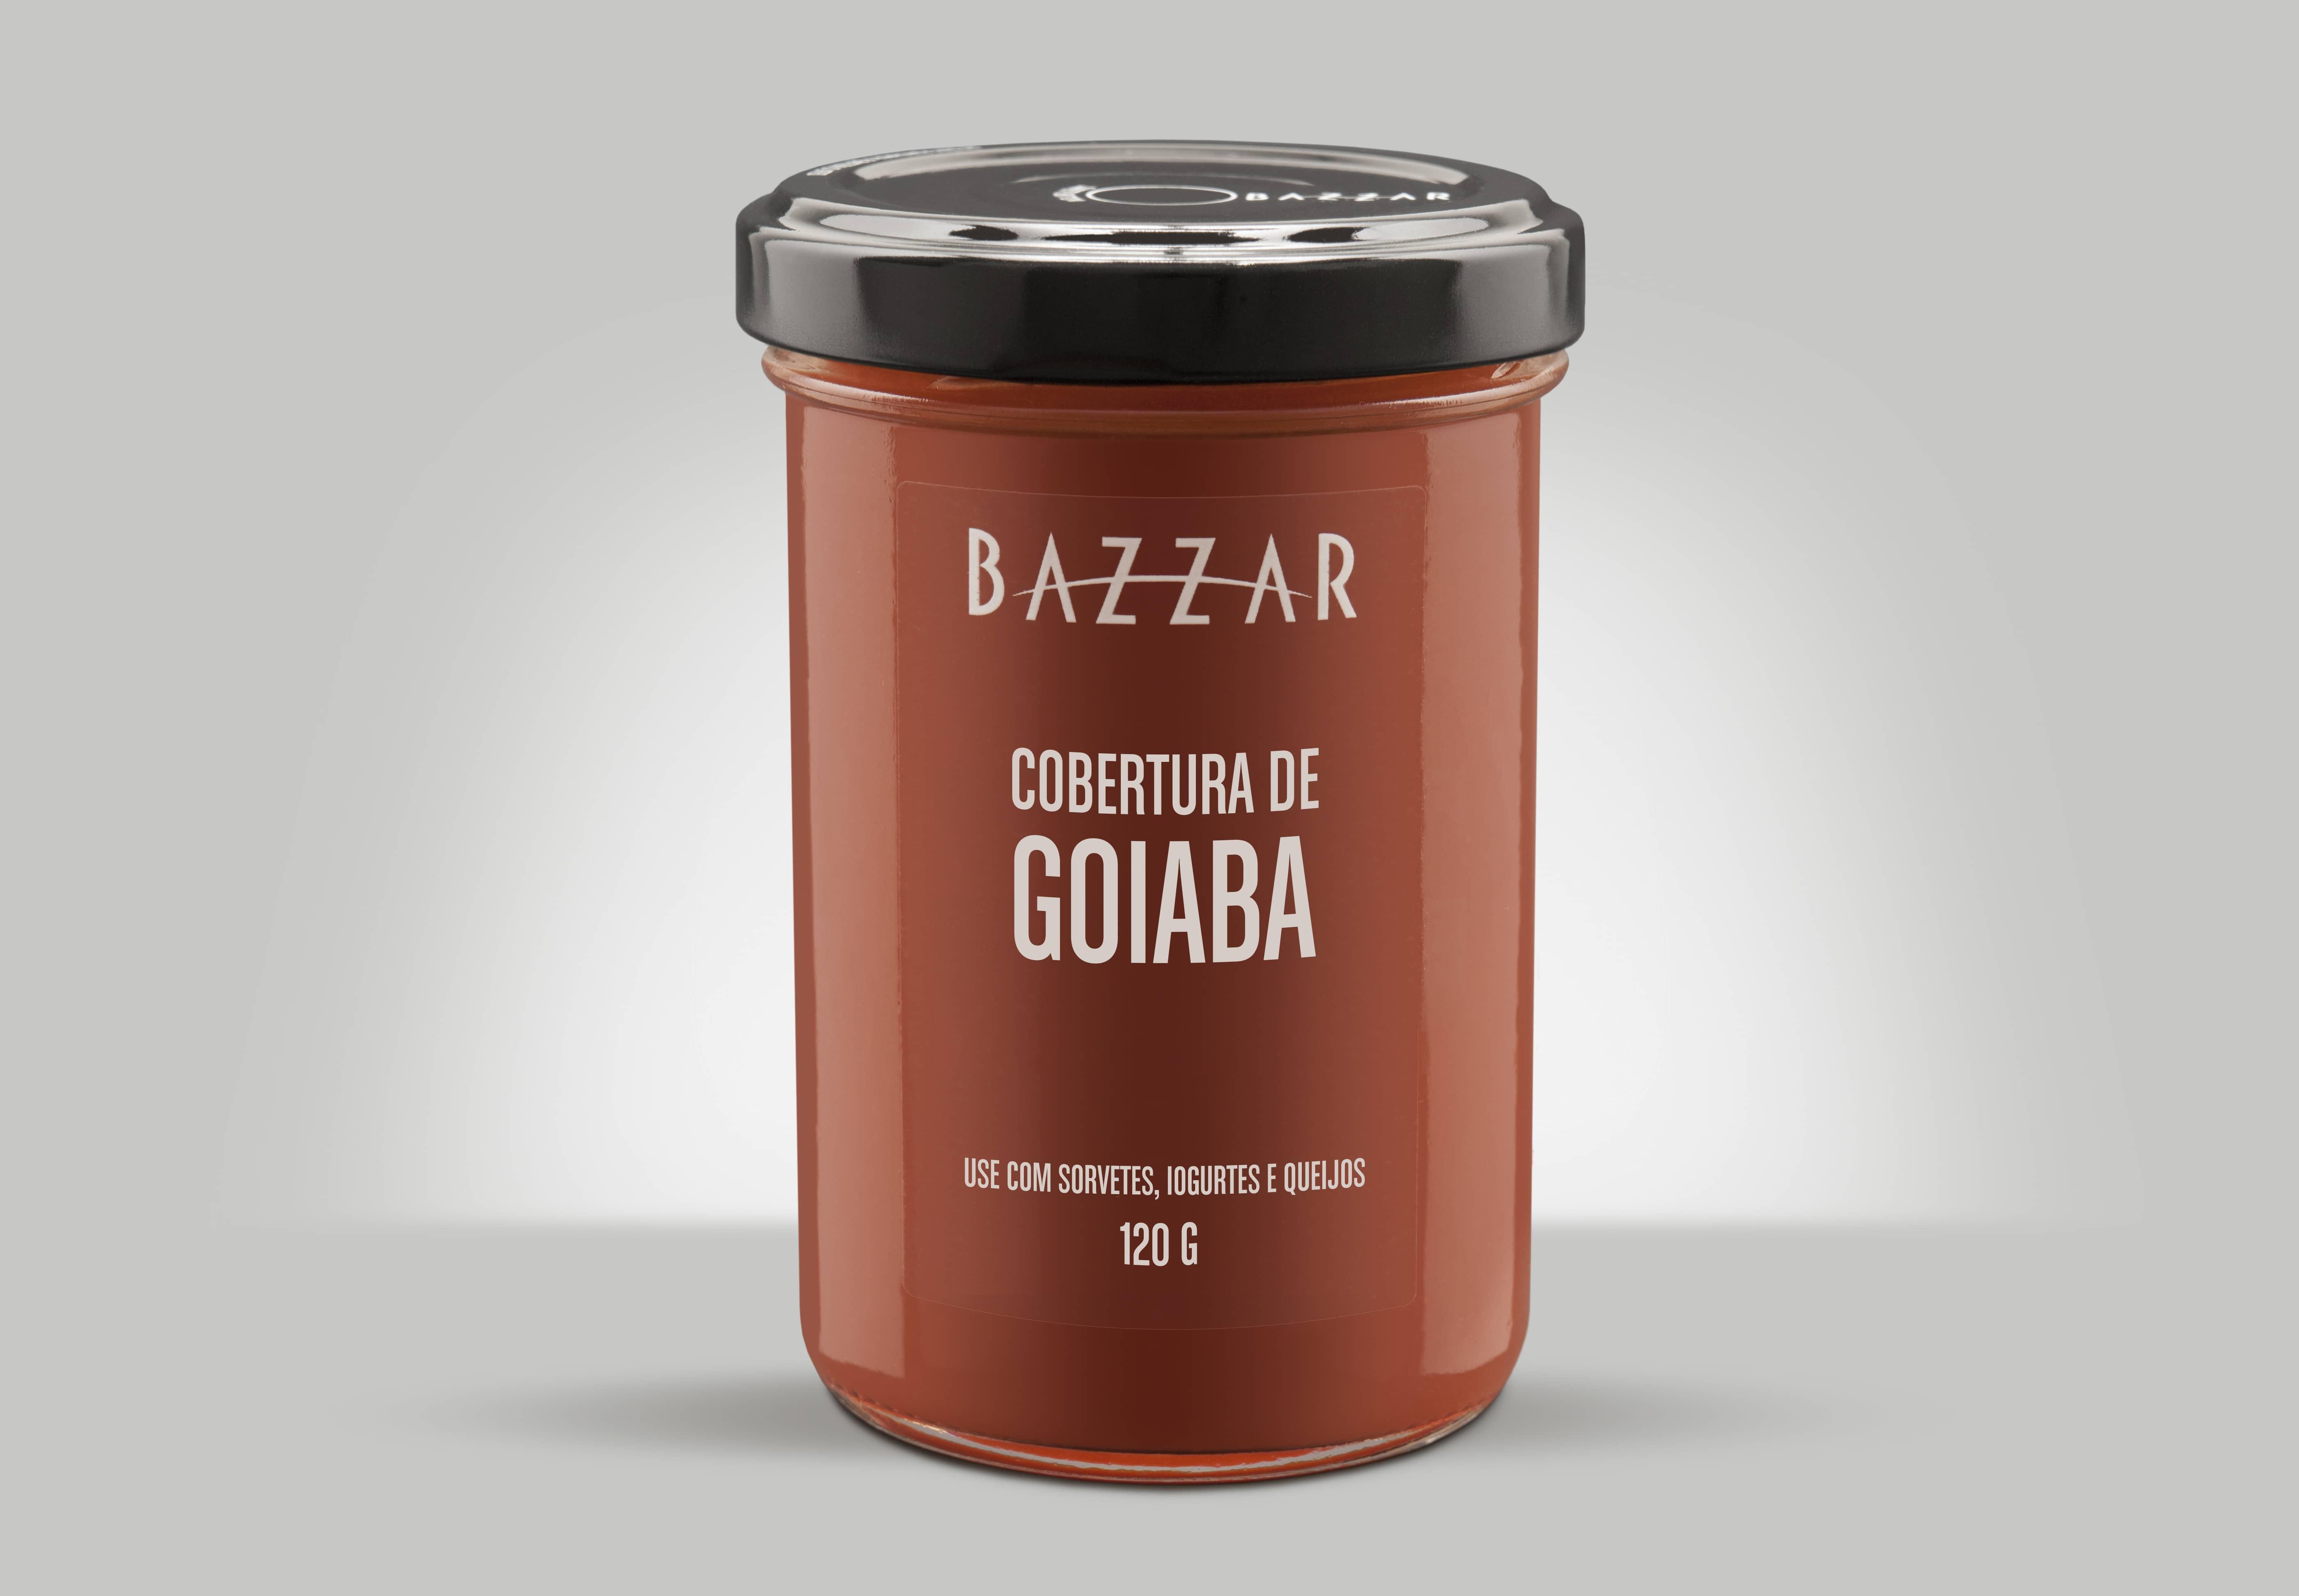 Bazzar3